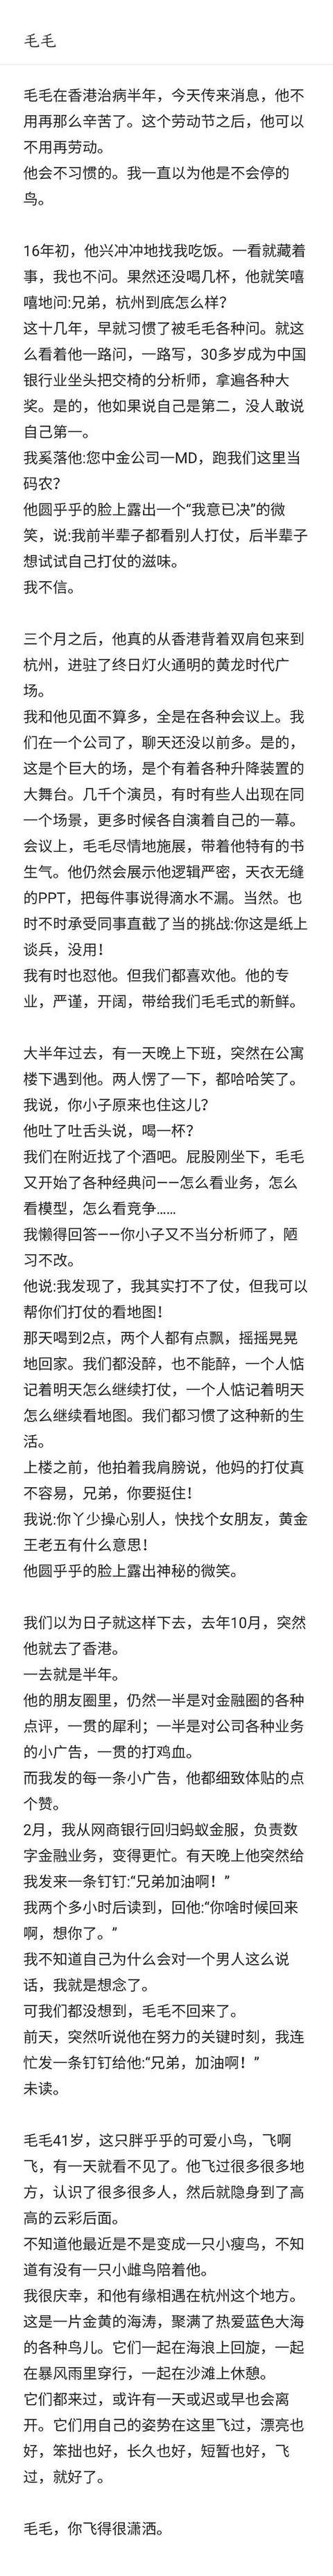 蚂蚁金服总裁助理毛军华过世:生前异常勤奋 经常半夜还在公司